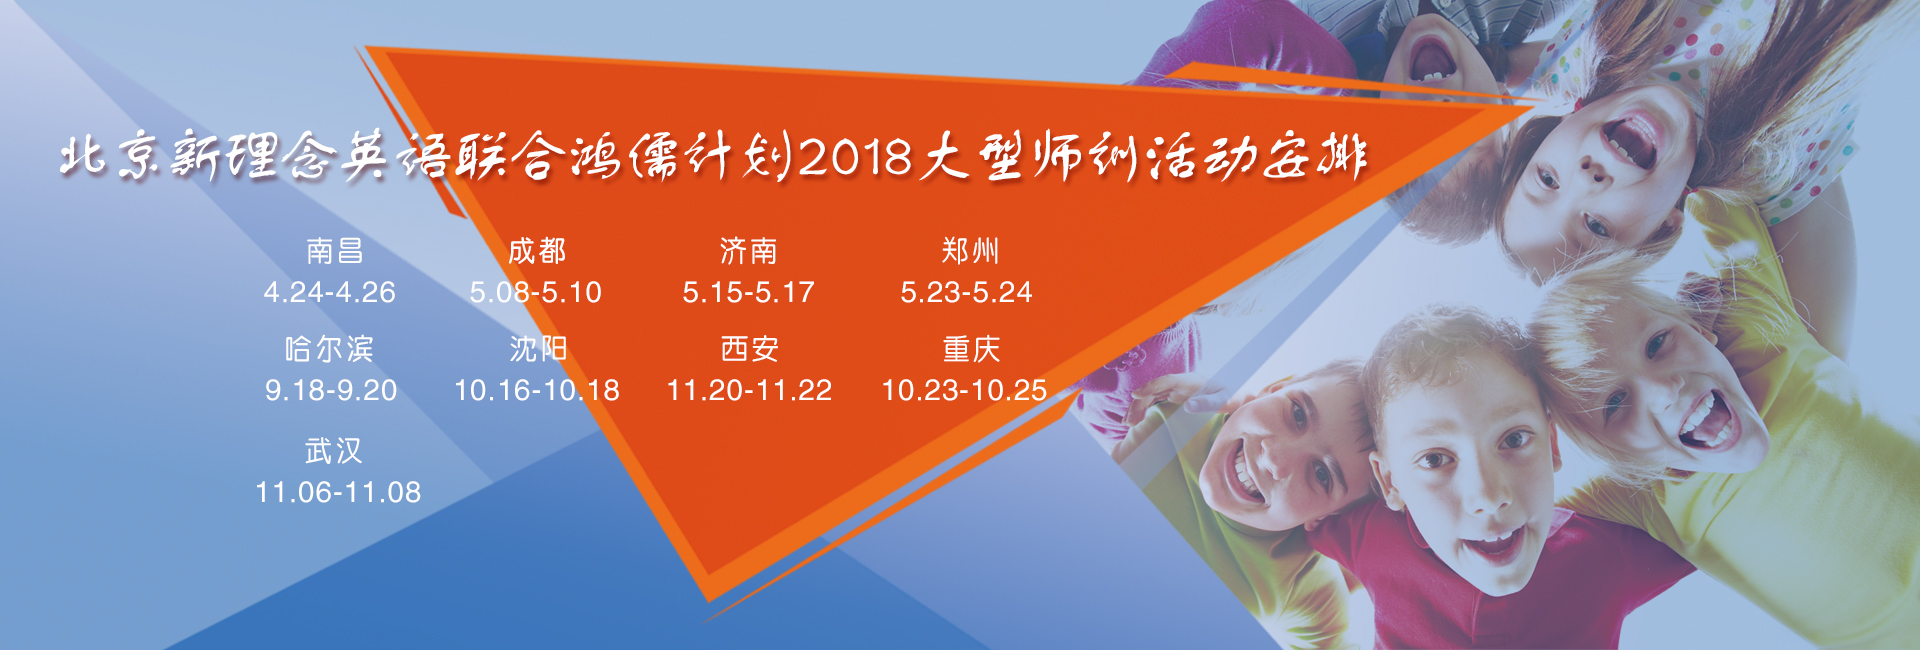 2018省级培训安排